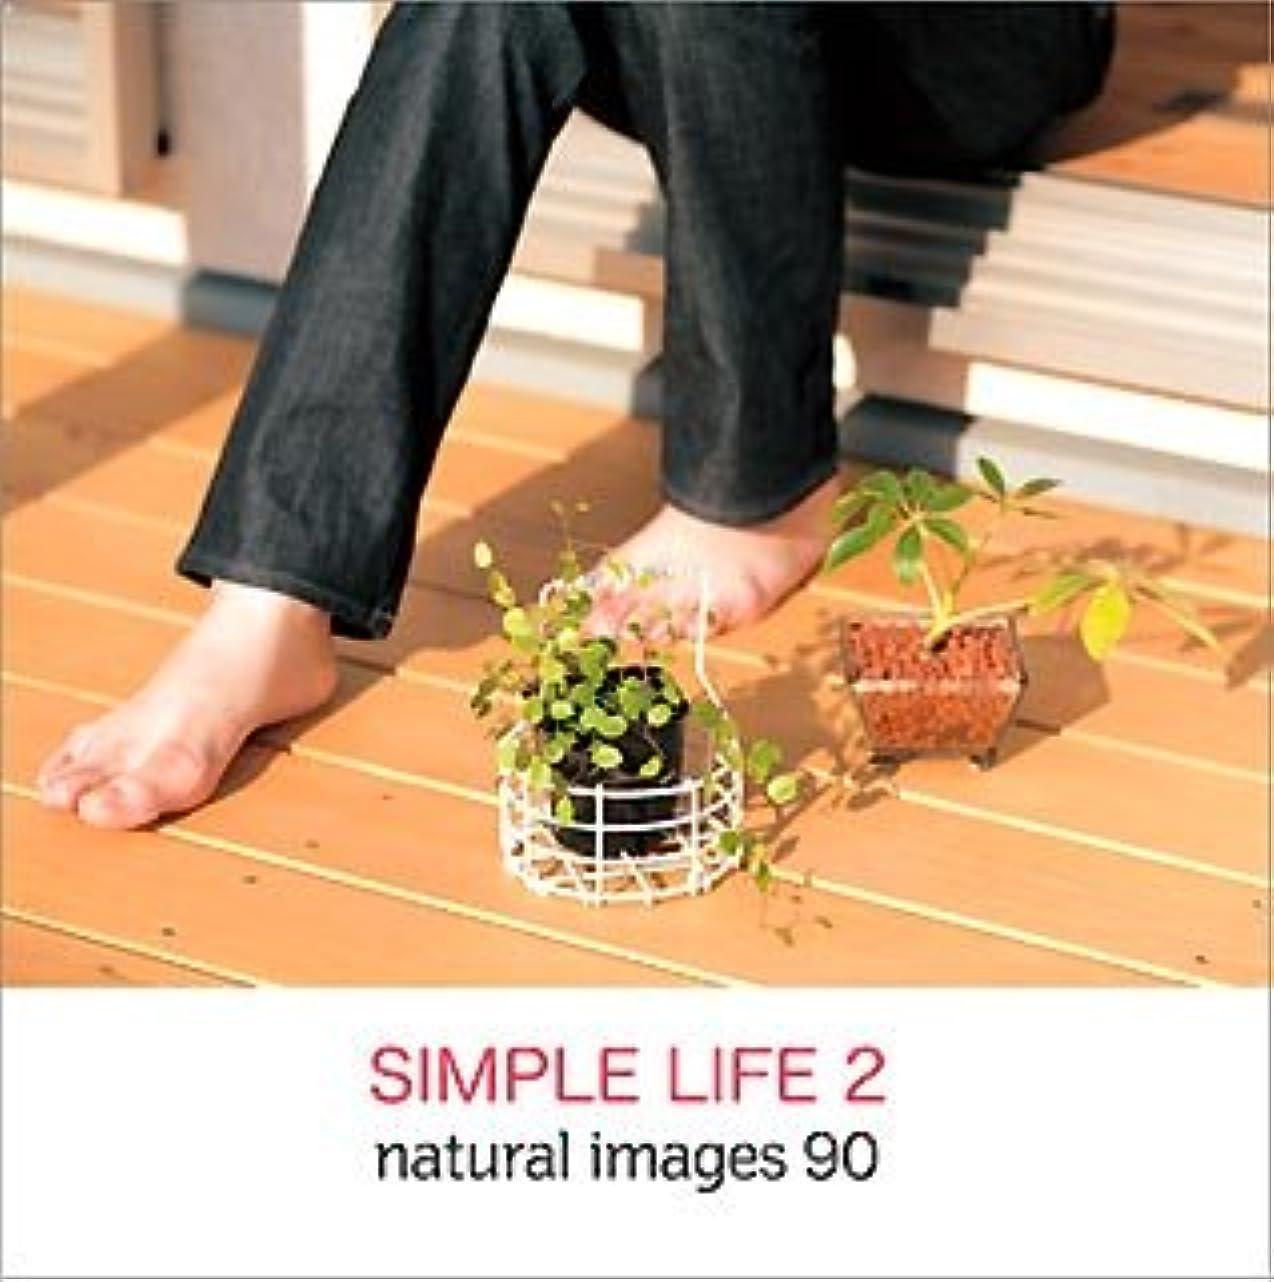 レギュラー命令空中natural images Vol.90 SIMPLE LIFE 2